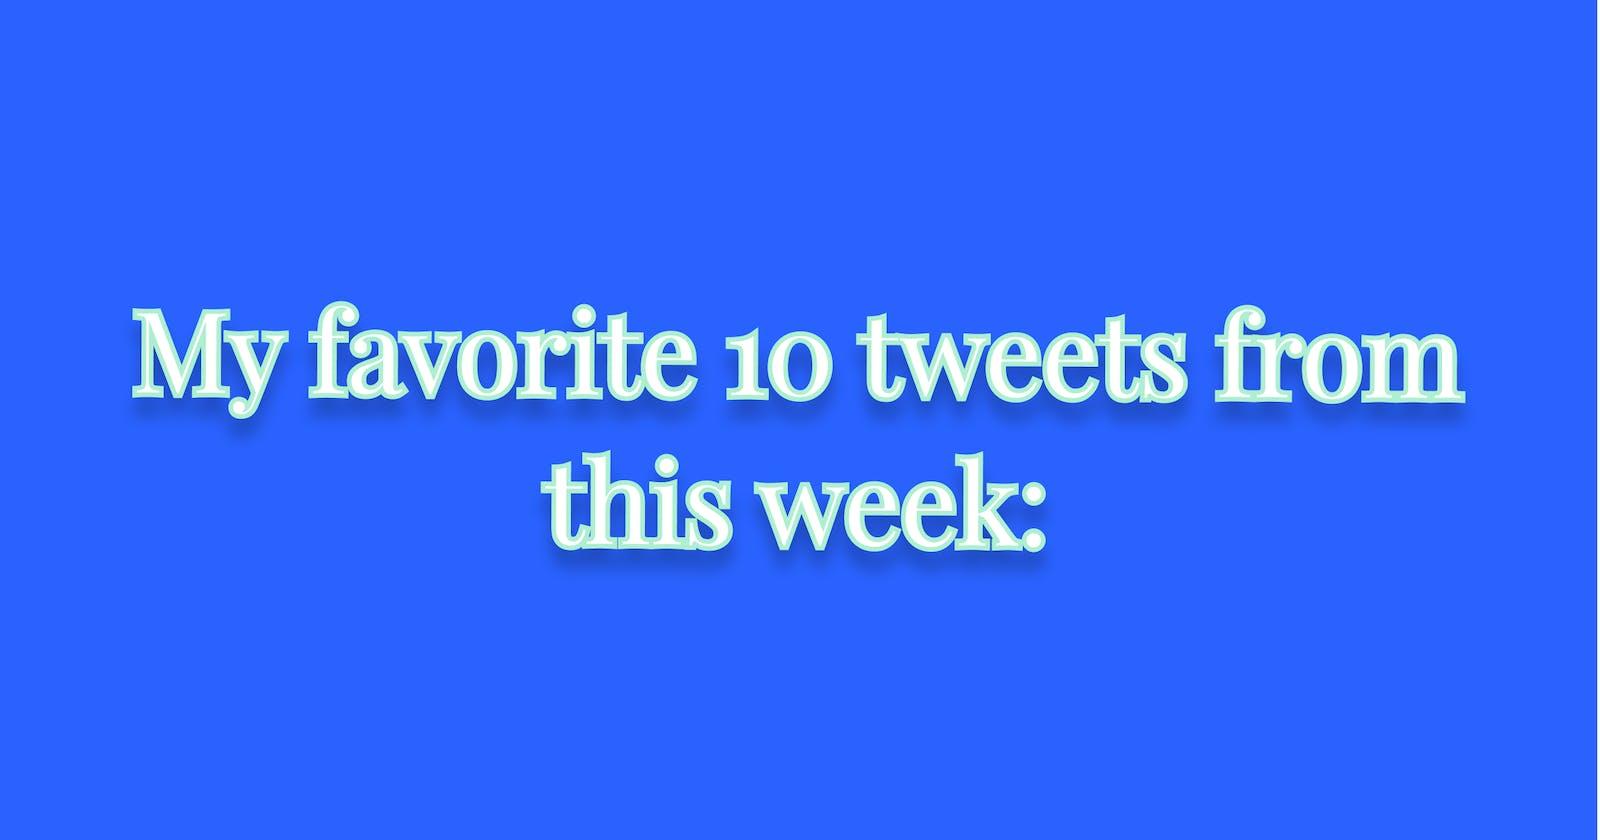 My favorite 10 tweets from this week